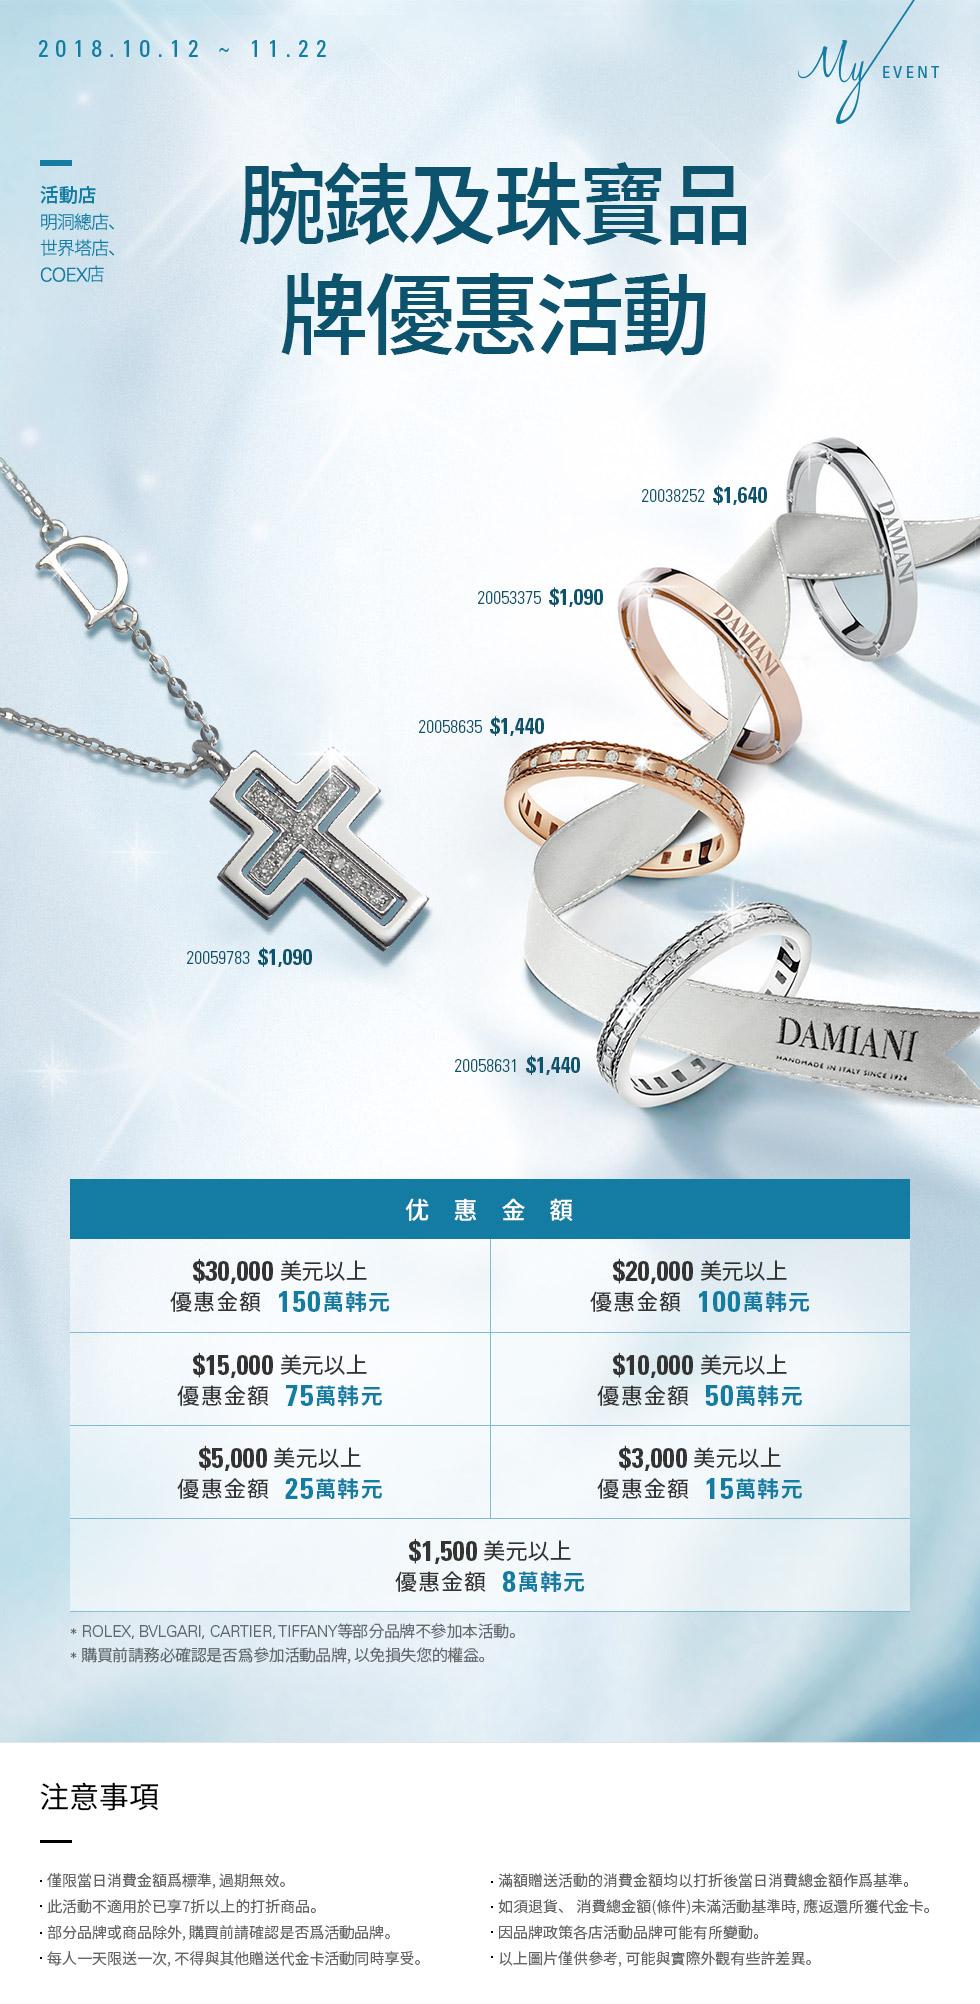 腕錶及珠寶品牌優惠活動